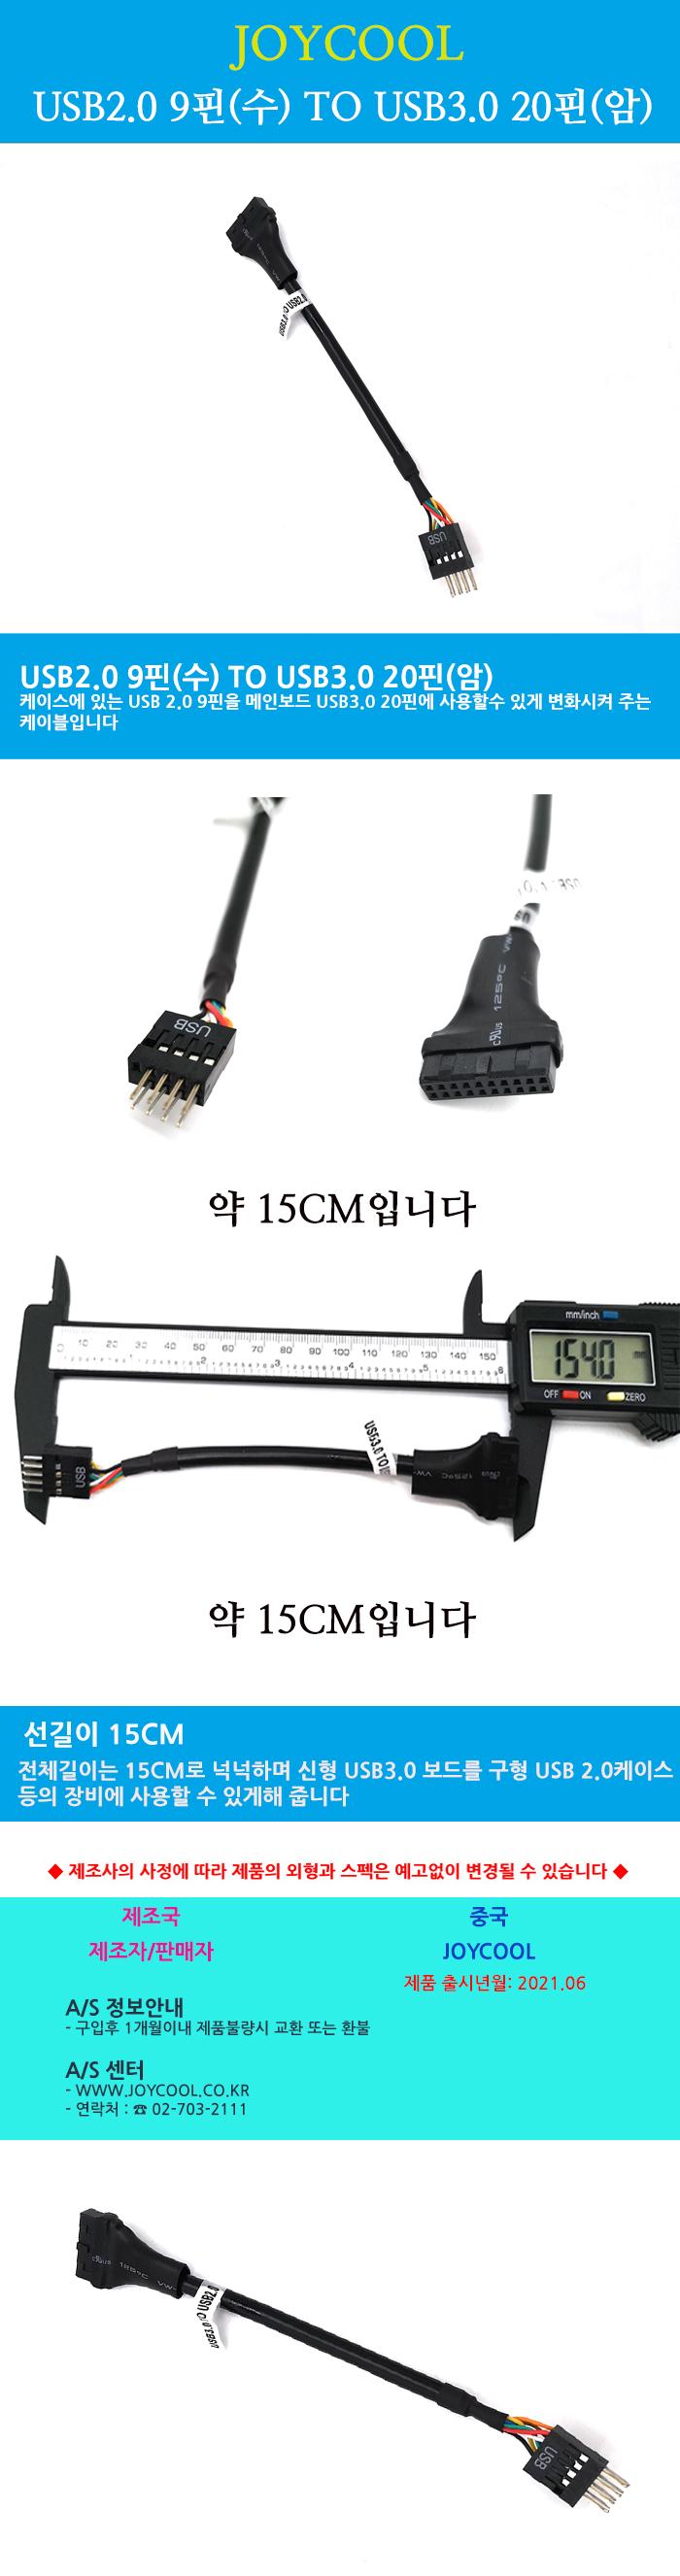 조이쿨 조이쿨 USB 2.0 9핀(수) to USB 3.0 20핀(암) 변환 케이블 (0.15m)